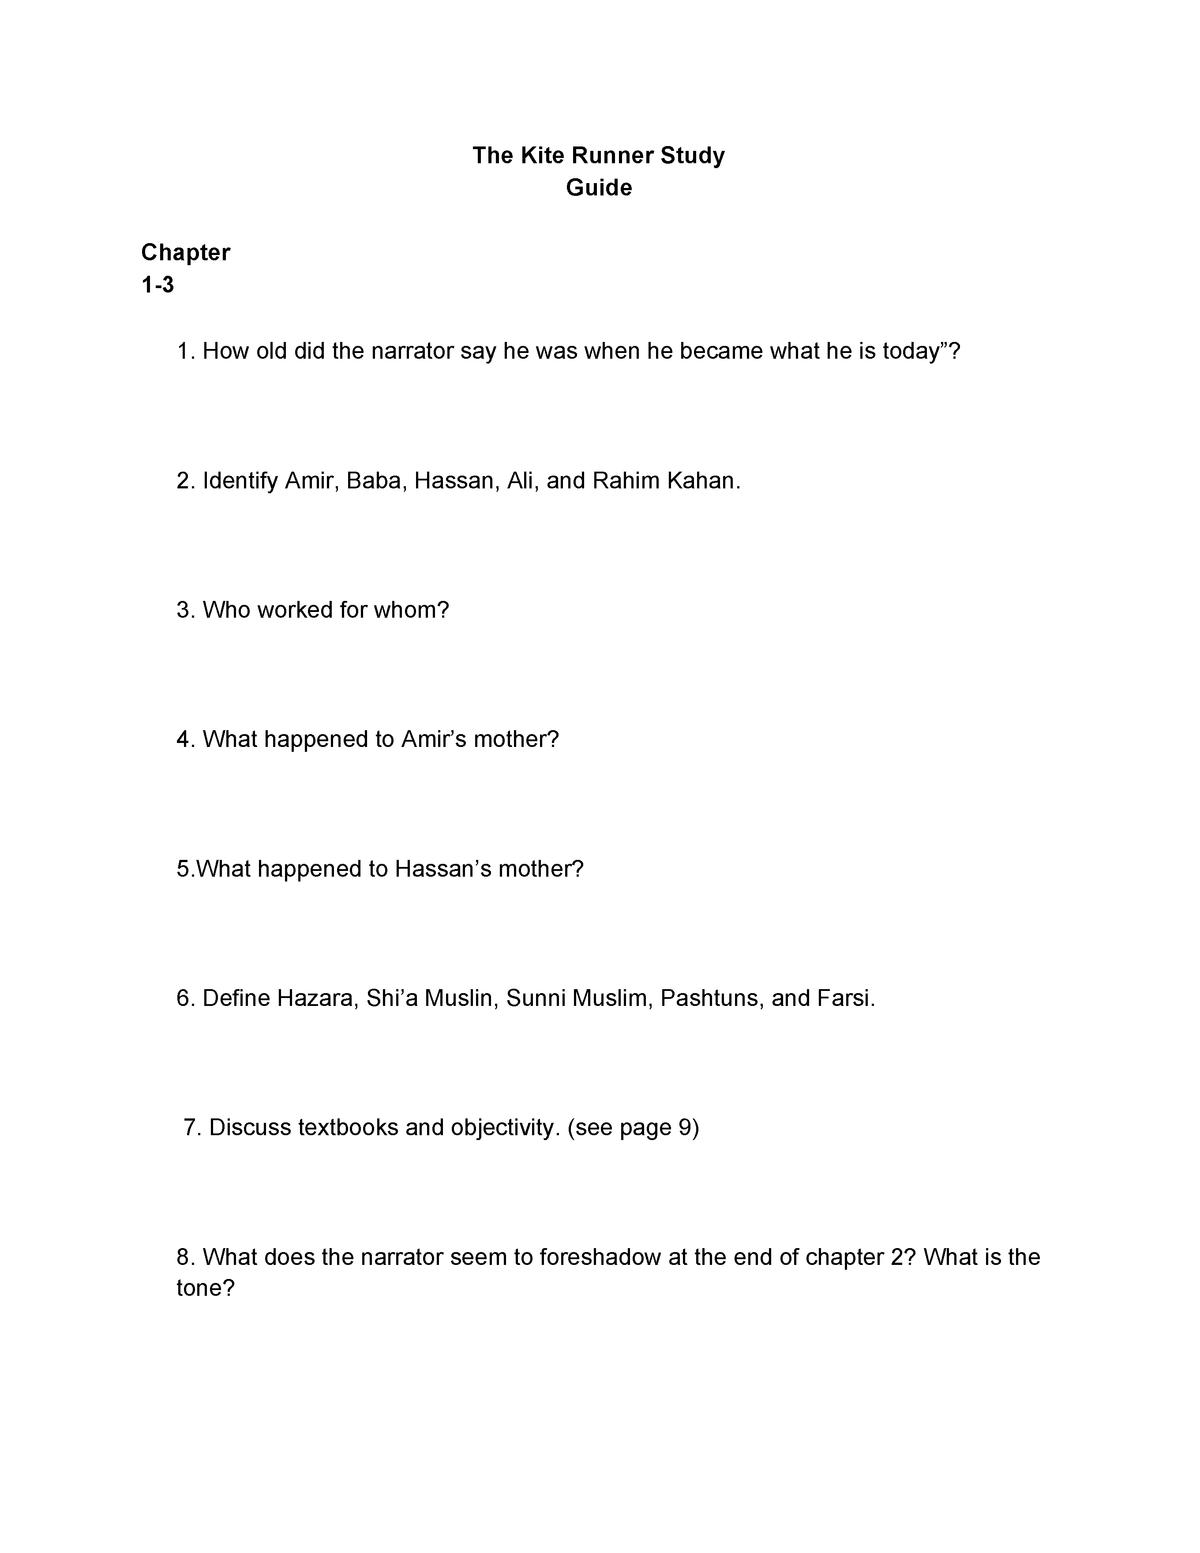 The Kite Runner Study Guide - StuDocu